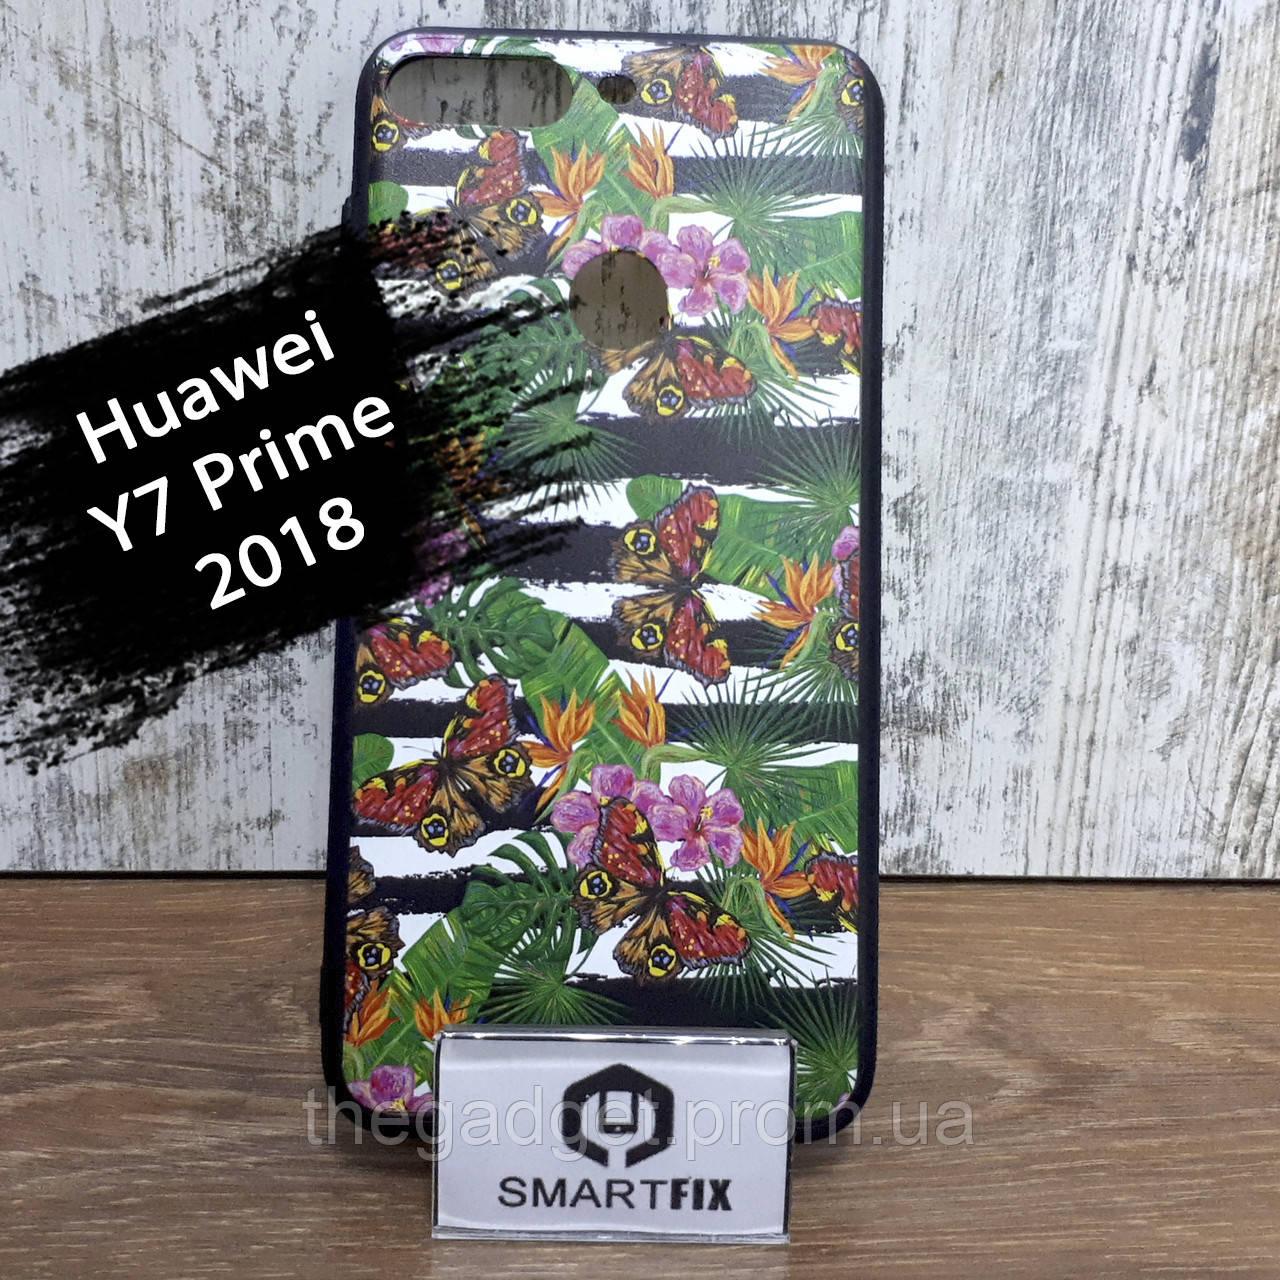 Чехол с рисунком для Huawei Y7 Prime (2018) / Honor 7C / Nova Lite (LDN-L21)